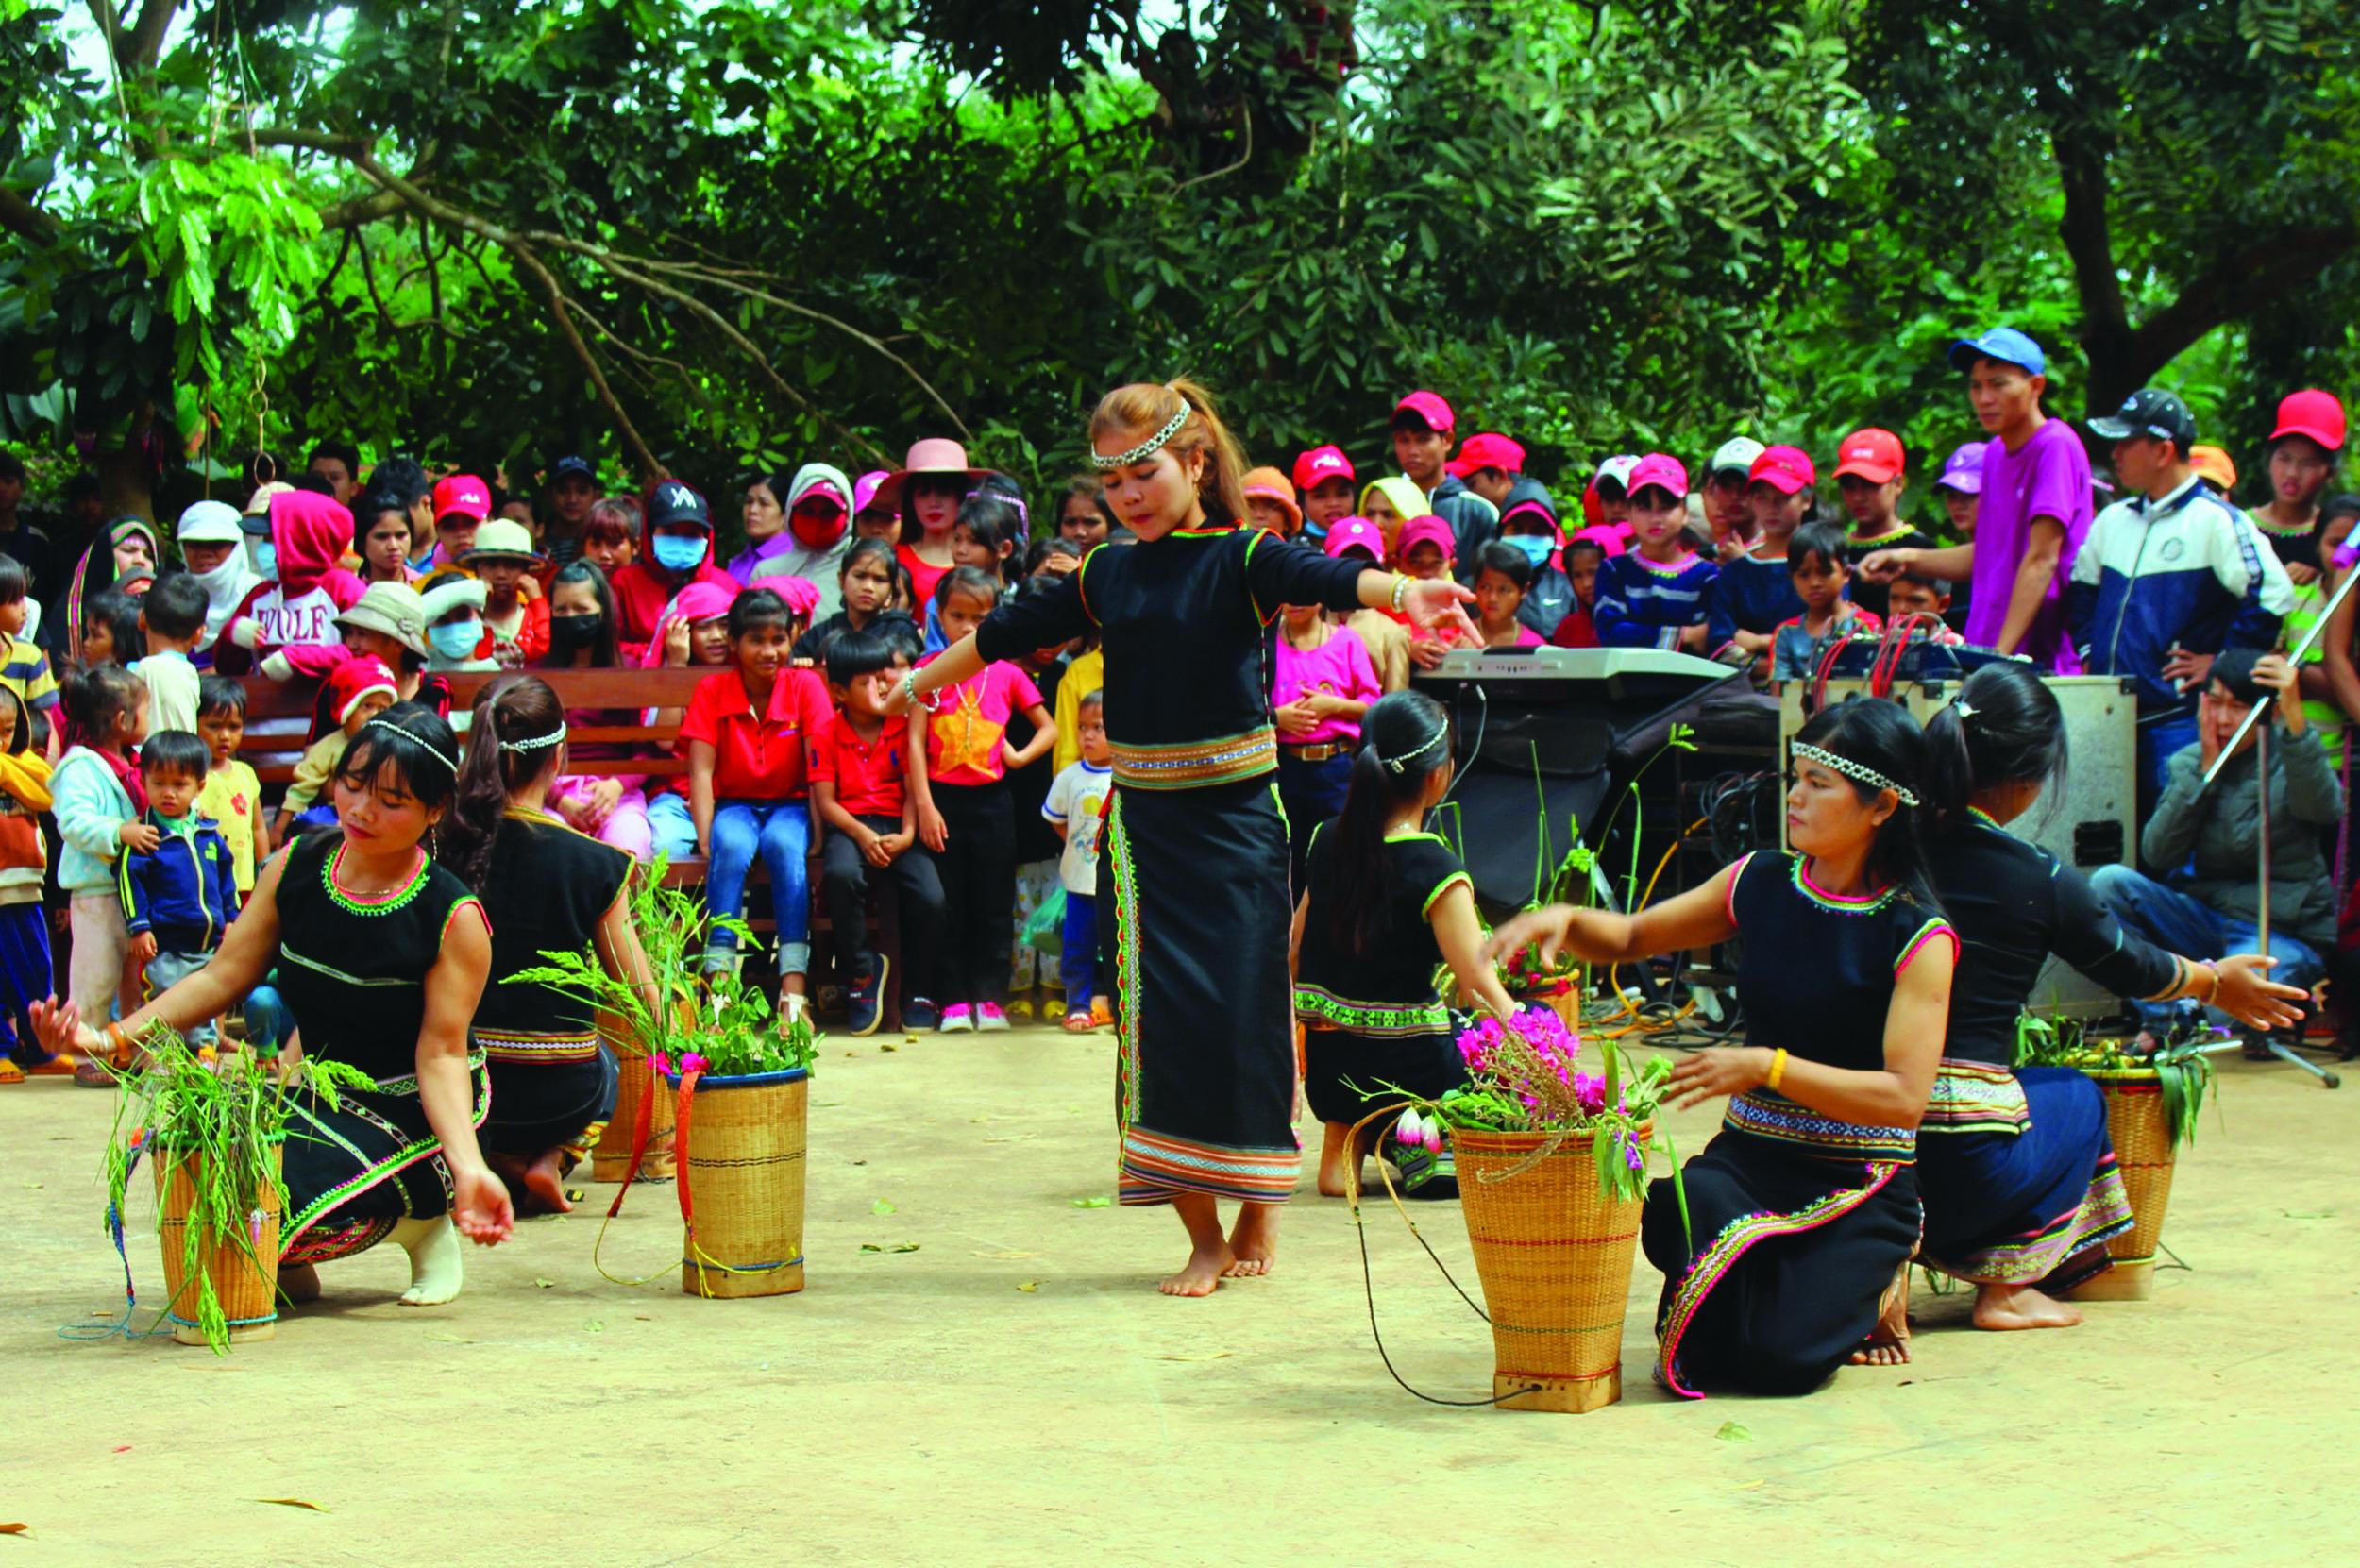 Các cô gái Xơ-đăng trong trang phục truyền thống múa bài mừng lúa mới.